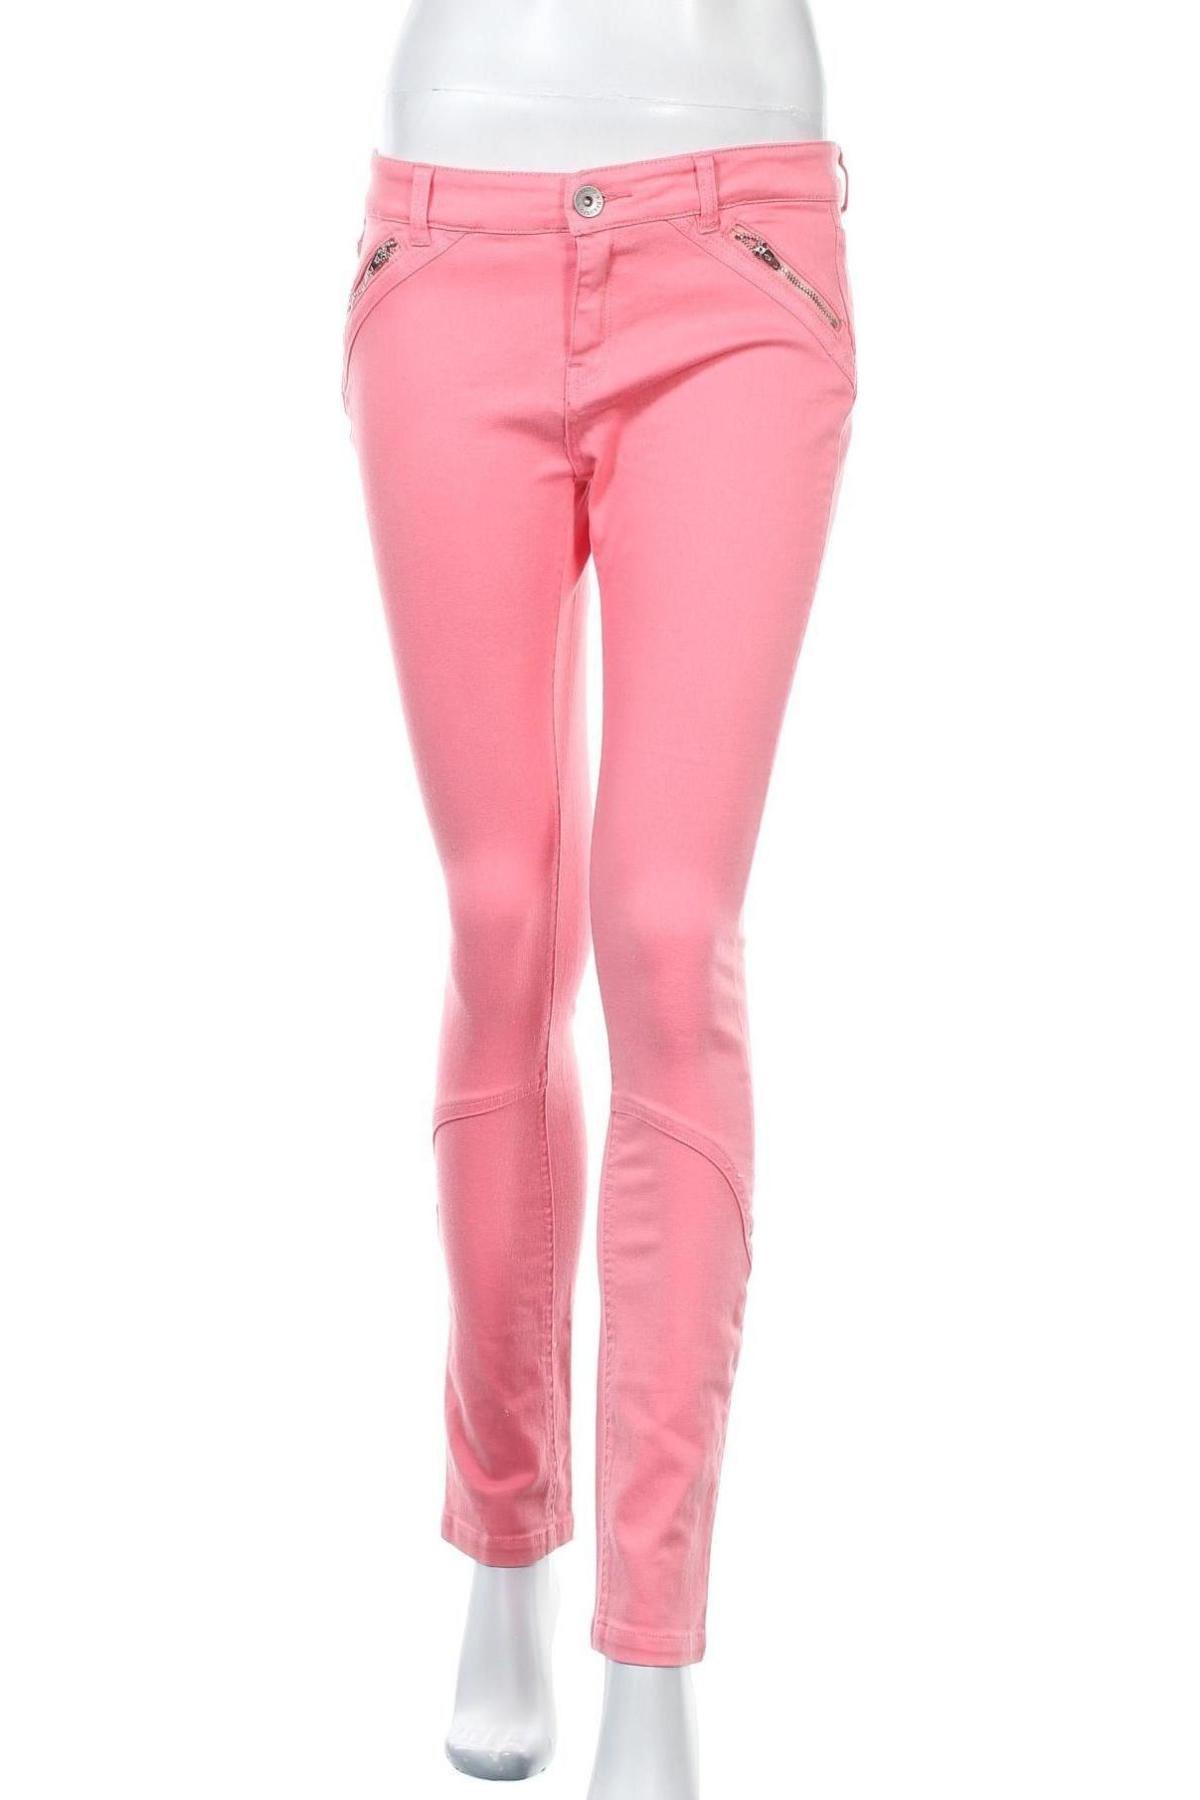 Дамски дънки Esqualo, Размер M, Цвят Розов, 98% памук, 2% еластан, Цена 43,50лв.